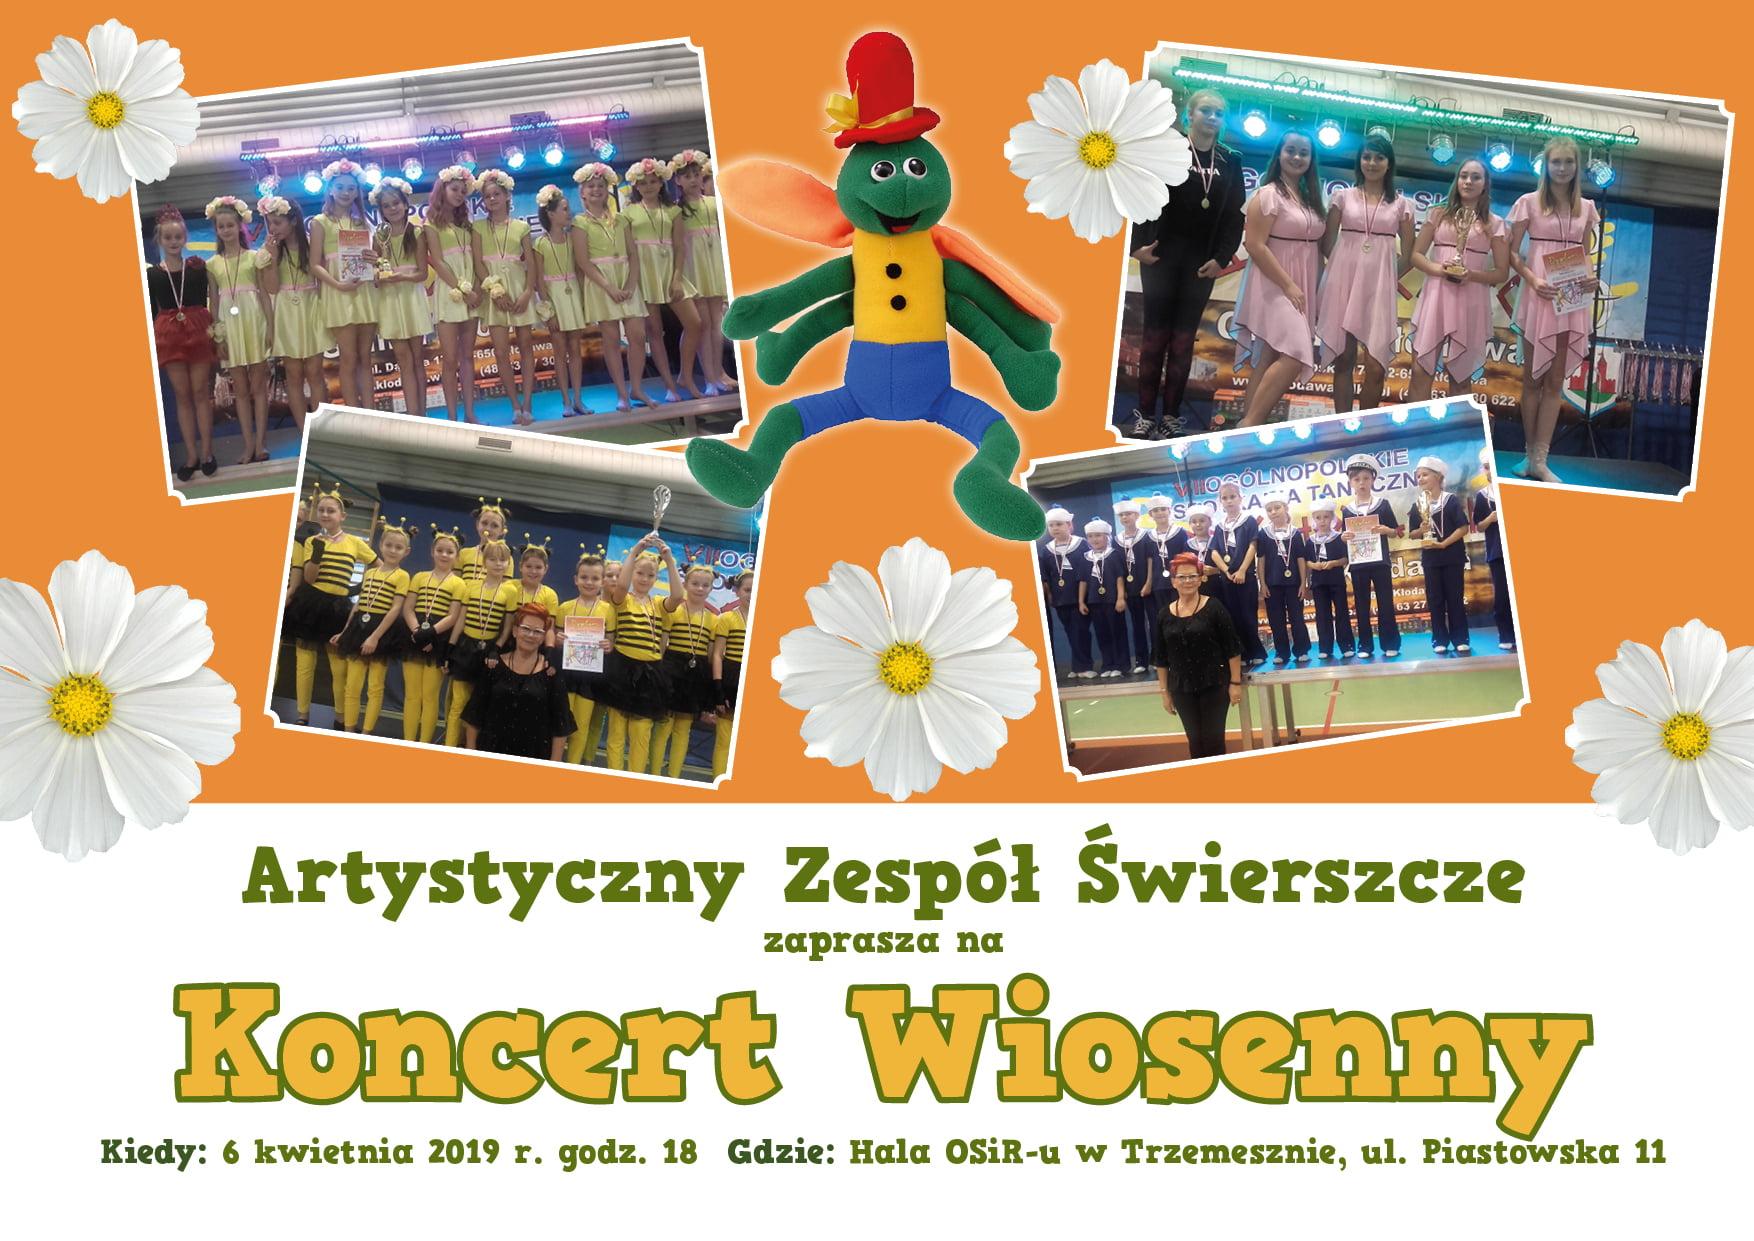 koncert-wiosenny-afisz